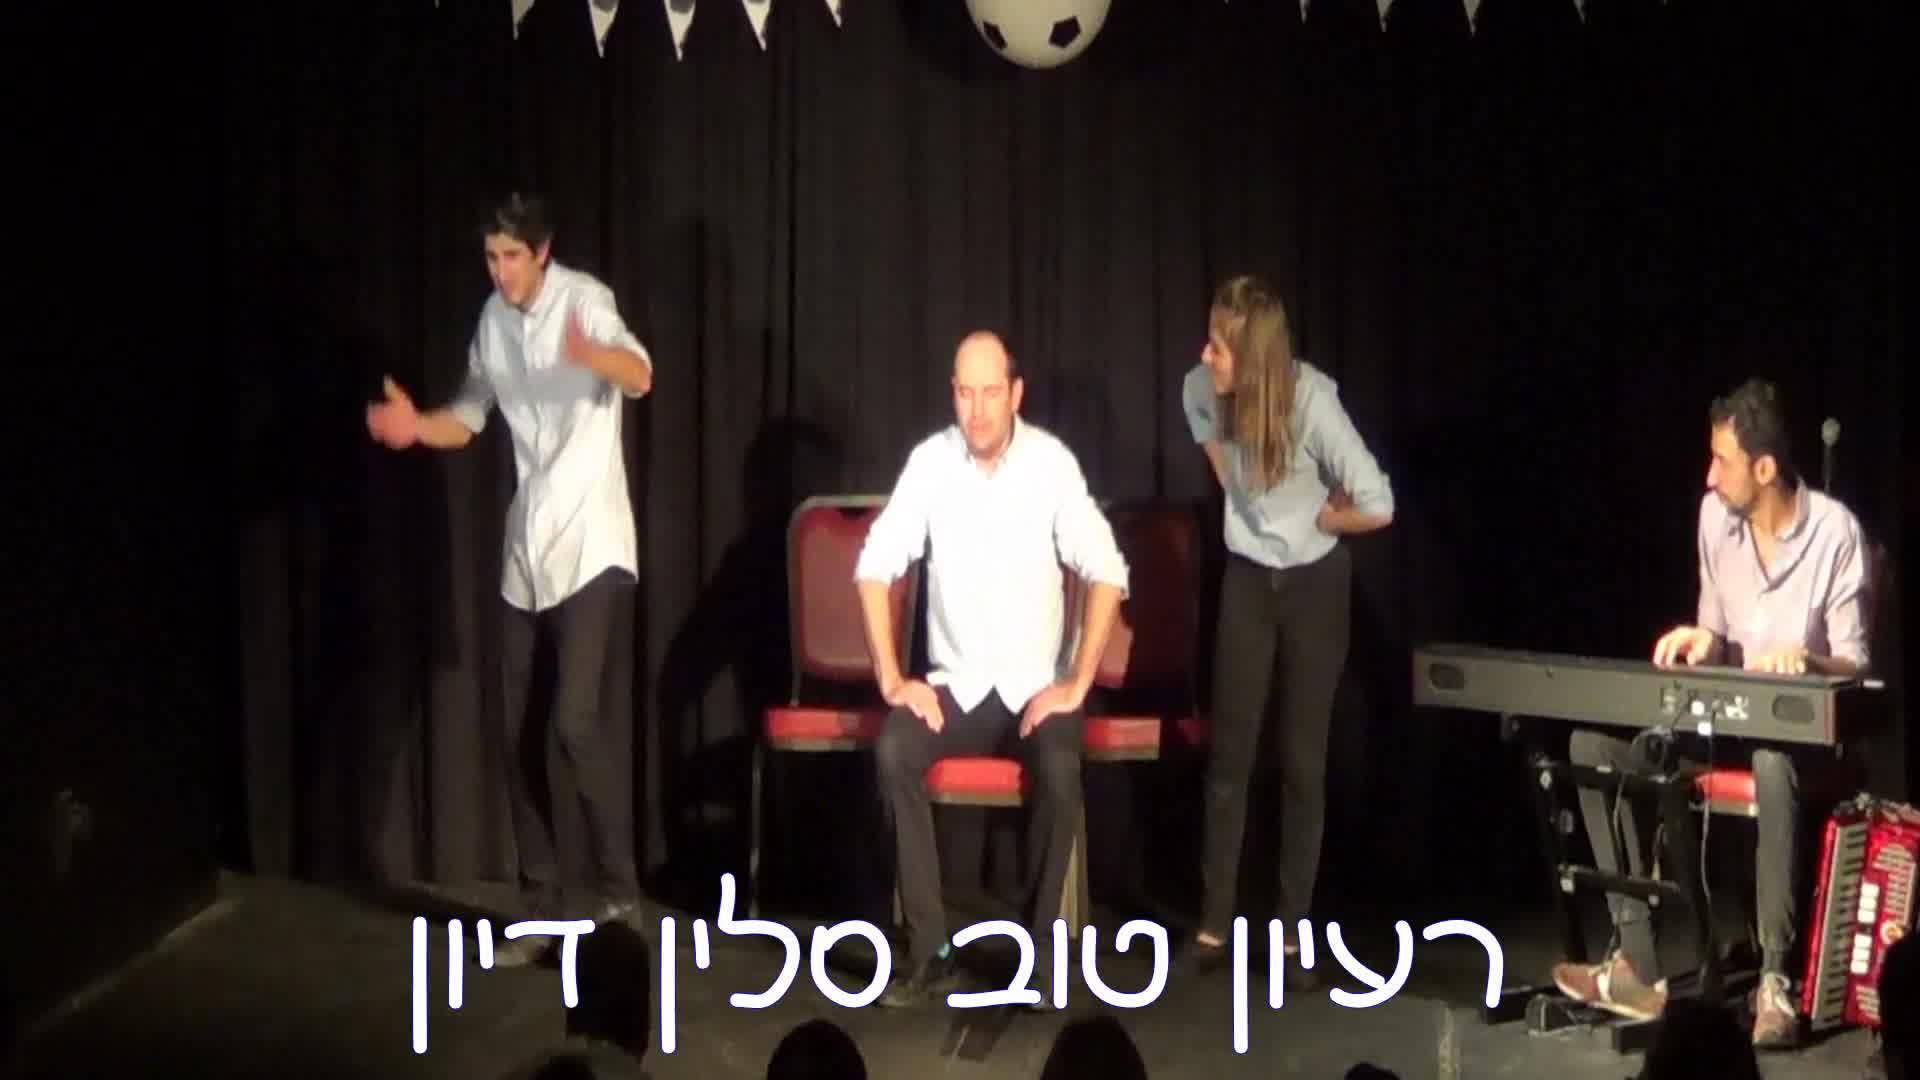 שיר הקוטג' מתוך ההופעה בבית ציוני אמריקה